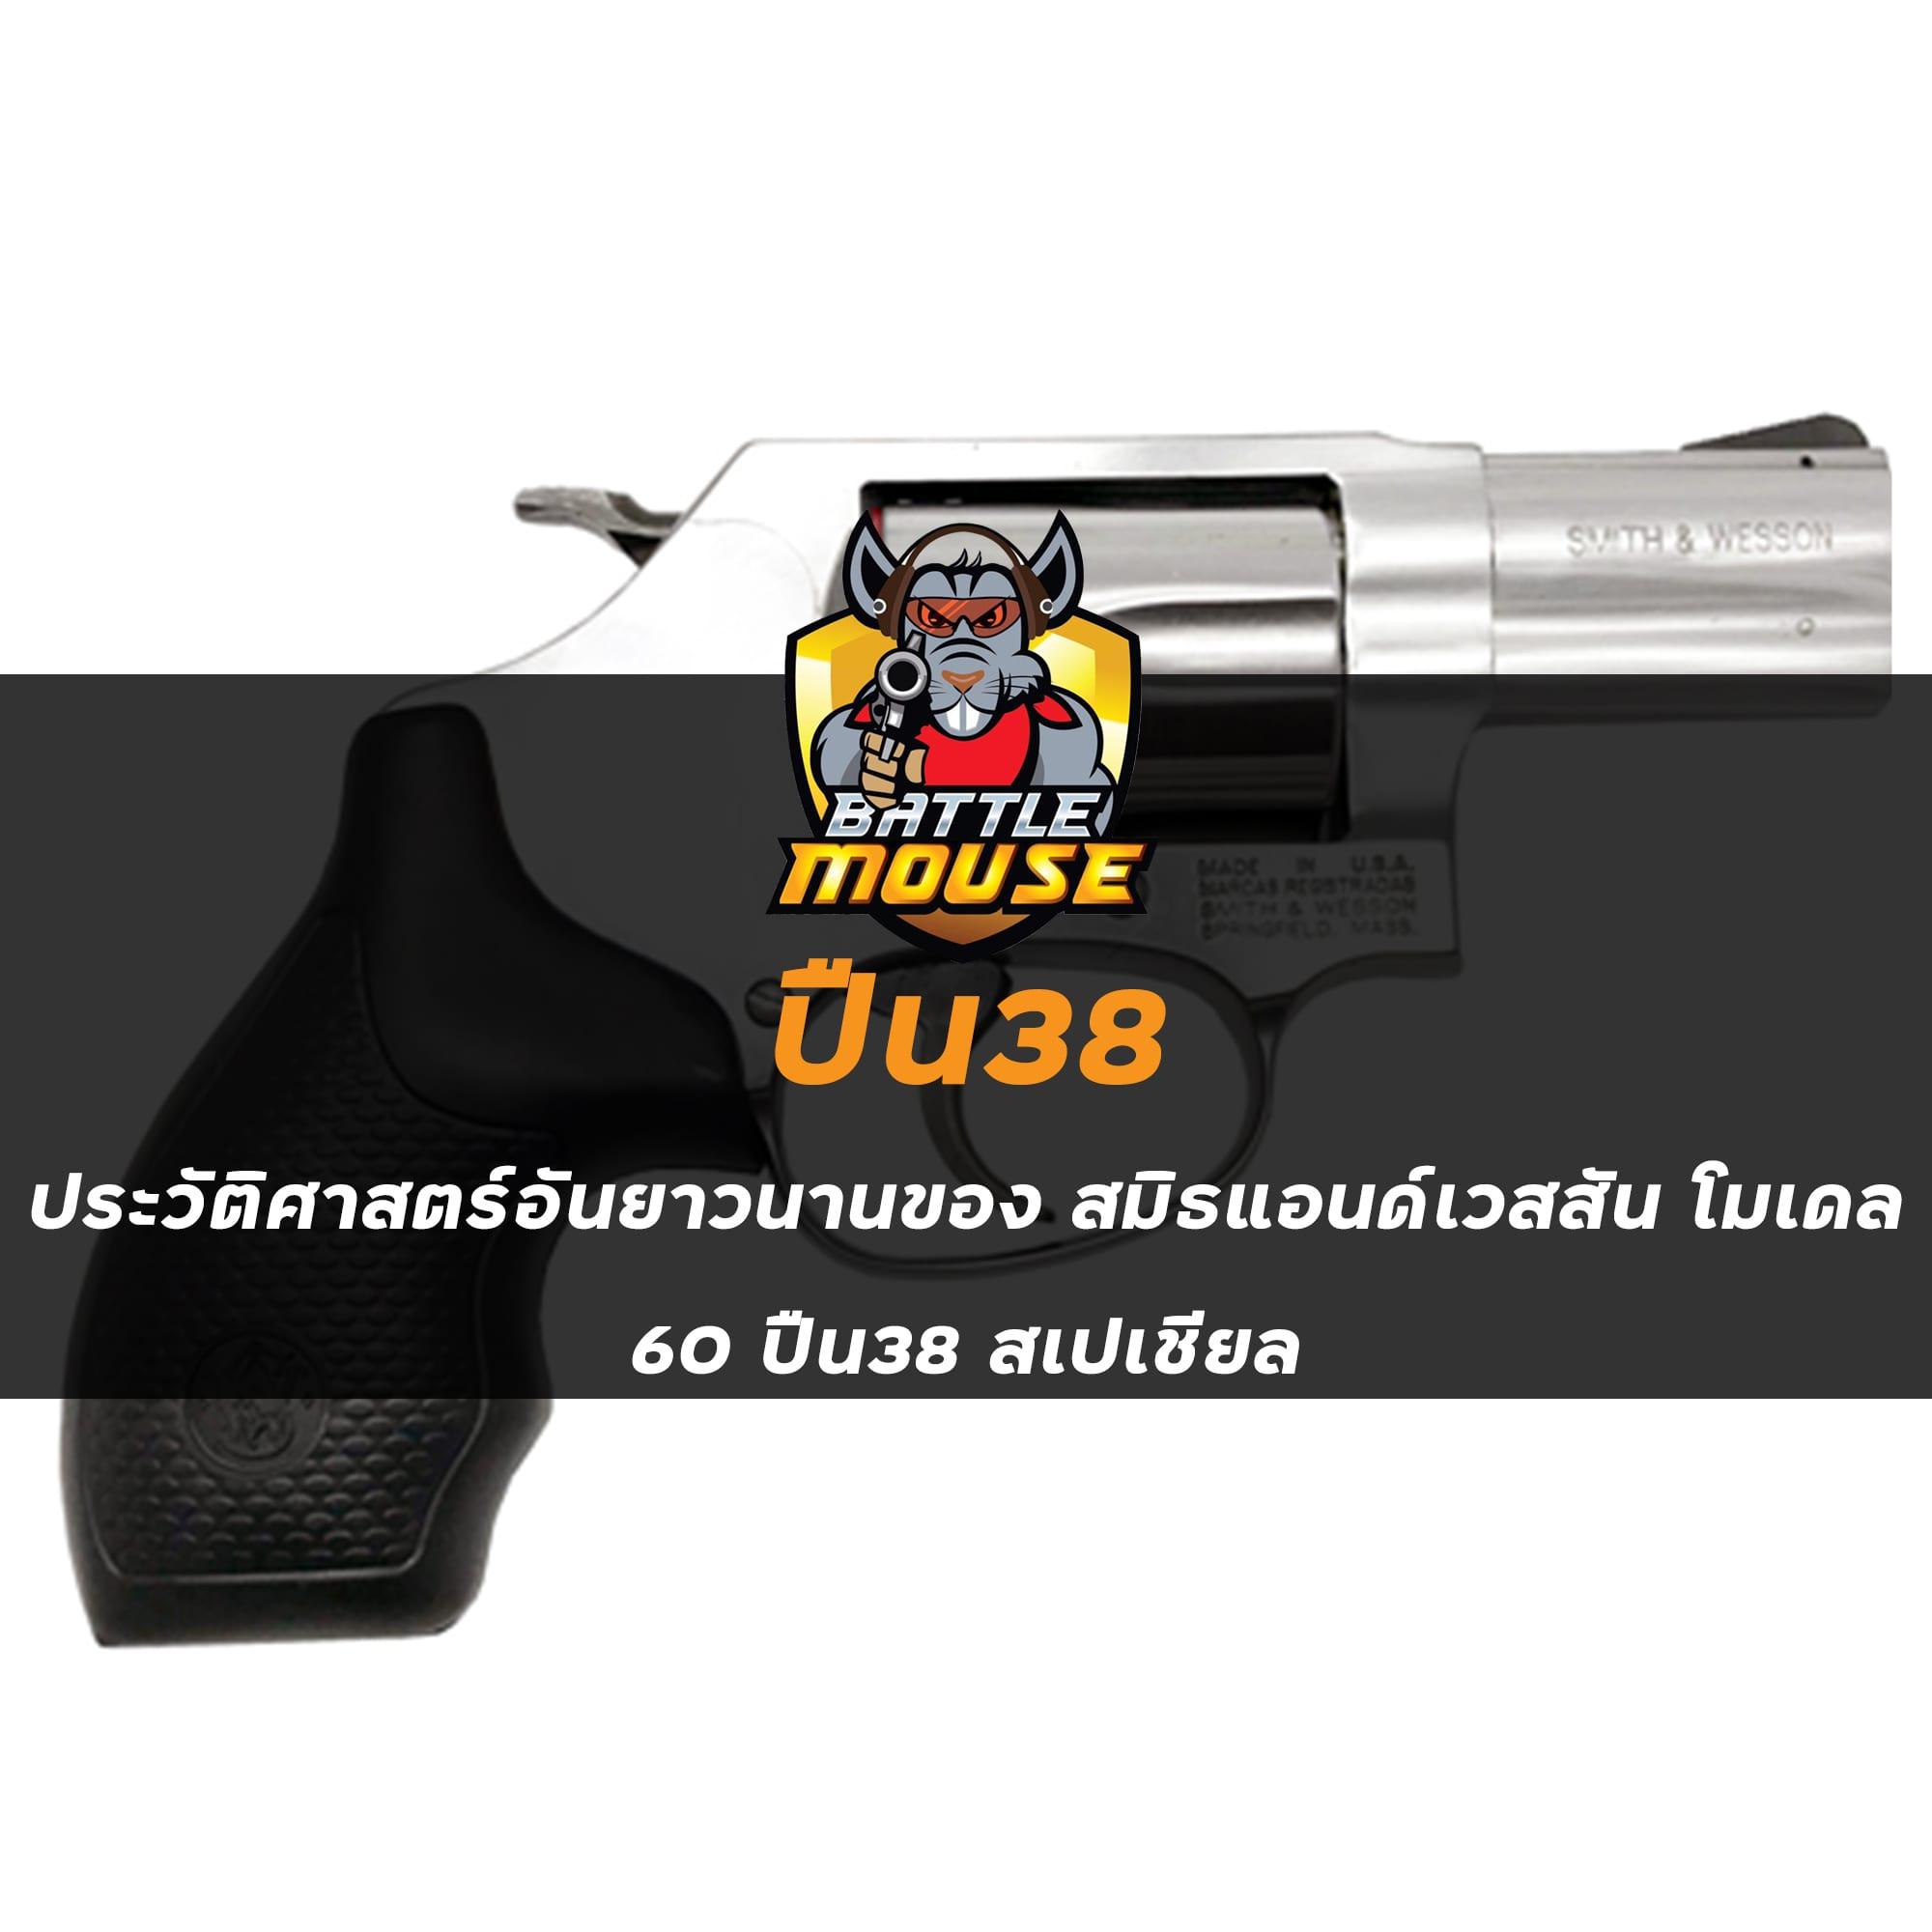 ปืน38 ประวัติศาสตร์อันยาวนานของ สมิธแอนด์เวสสัน โมเดล 60 ปืน38 สเปเชียล